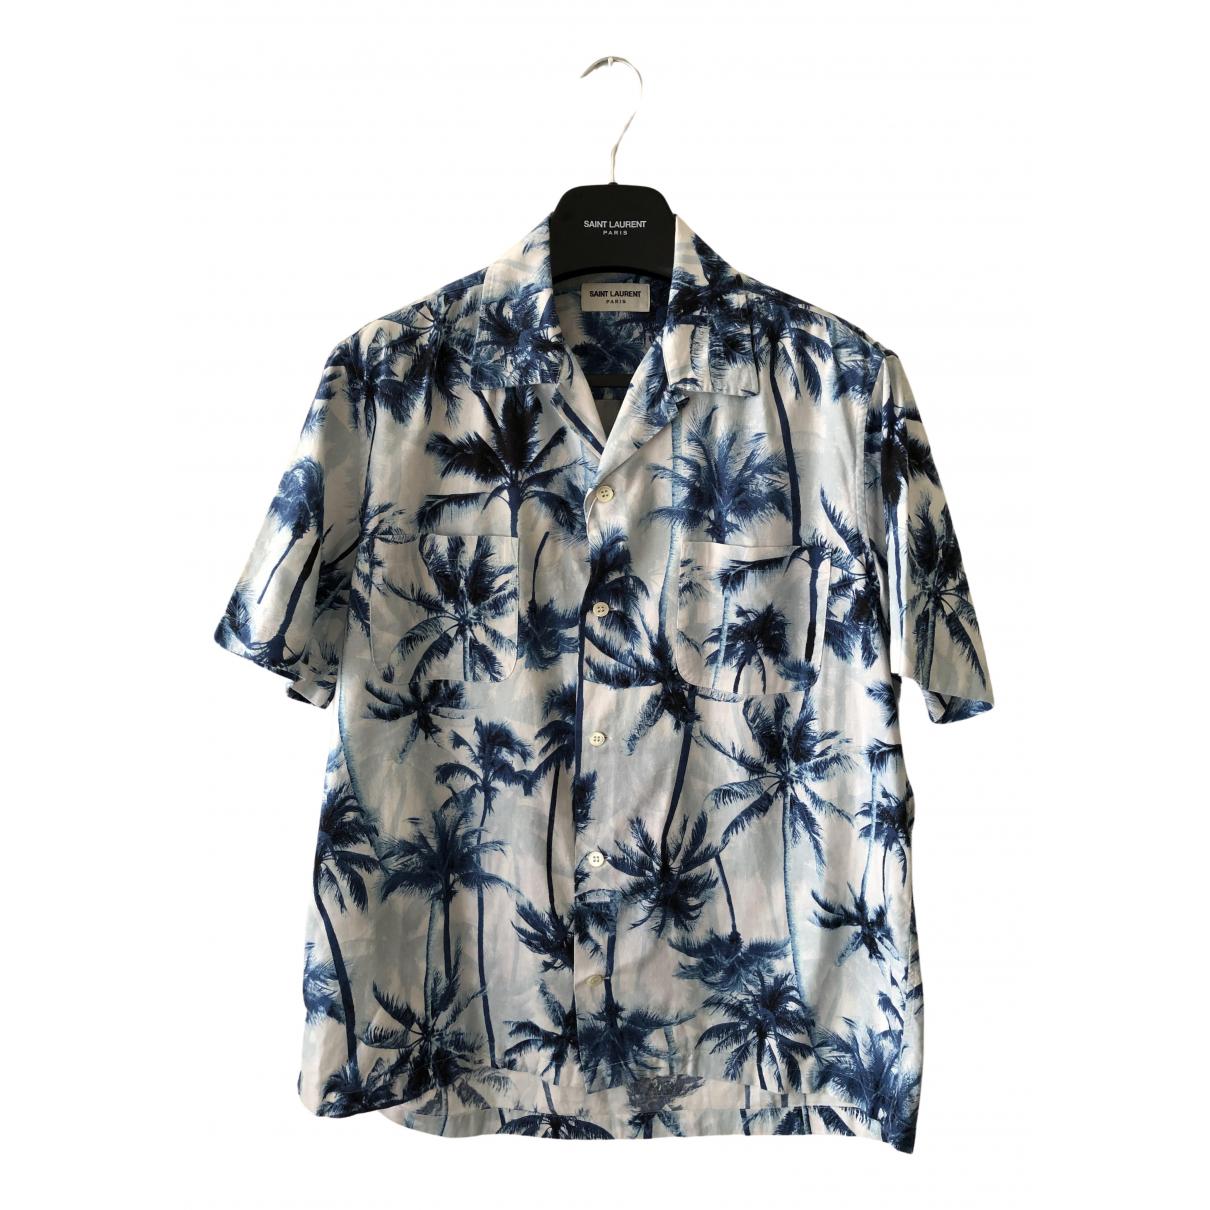 Saint Laurent N Blue Cotton Shirts for Men 38 EU (tour de cou / collar)